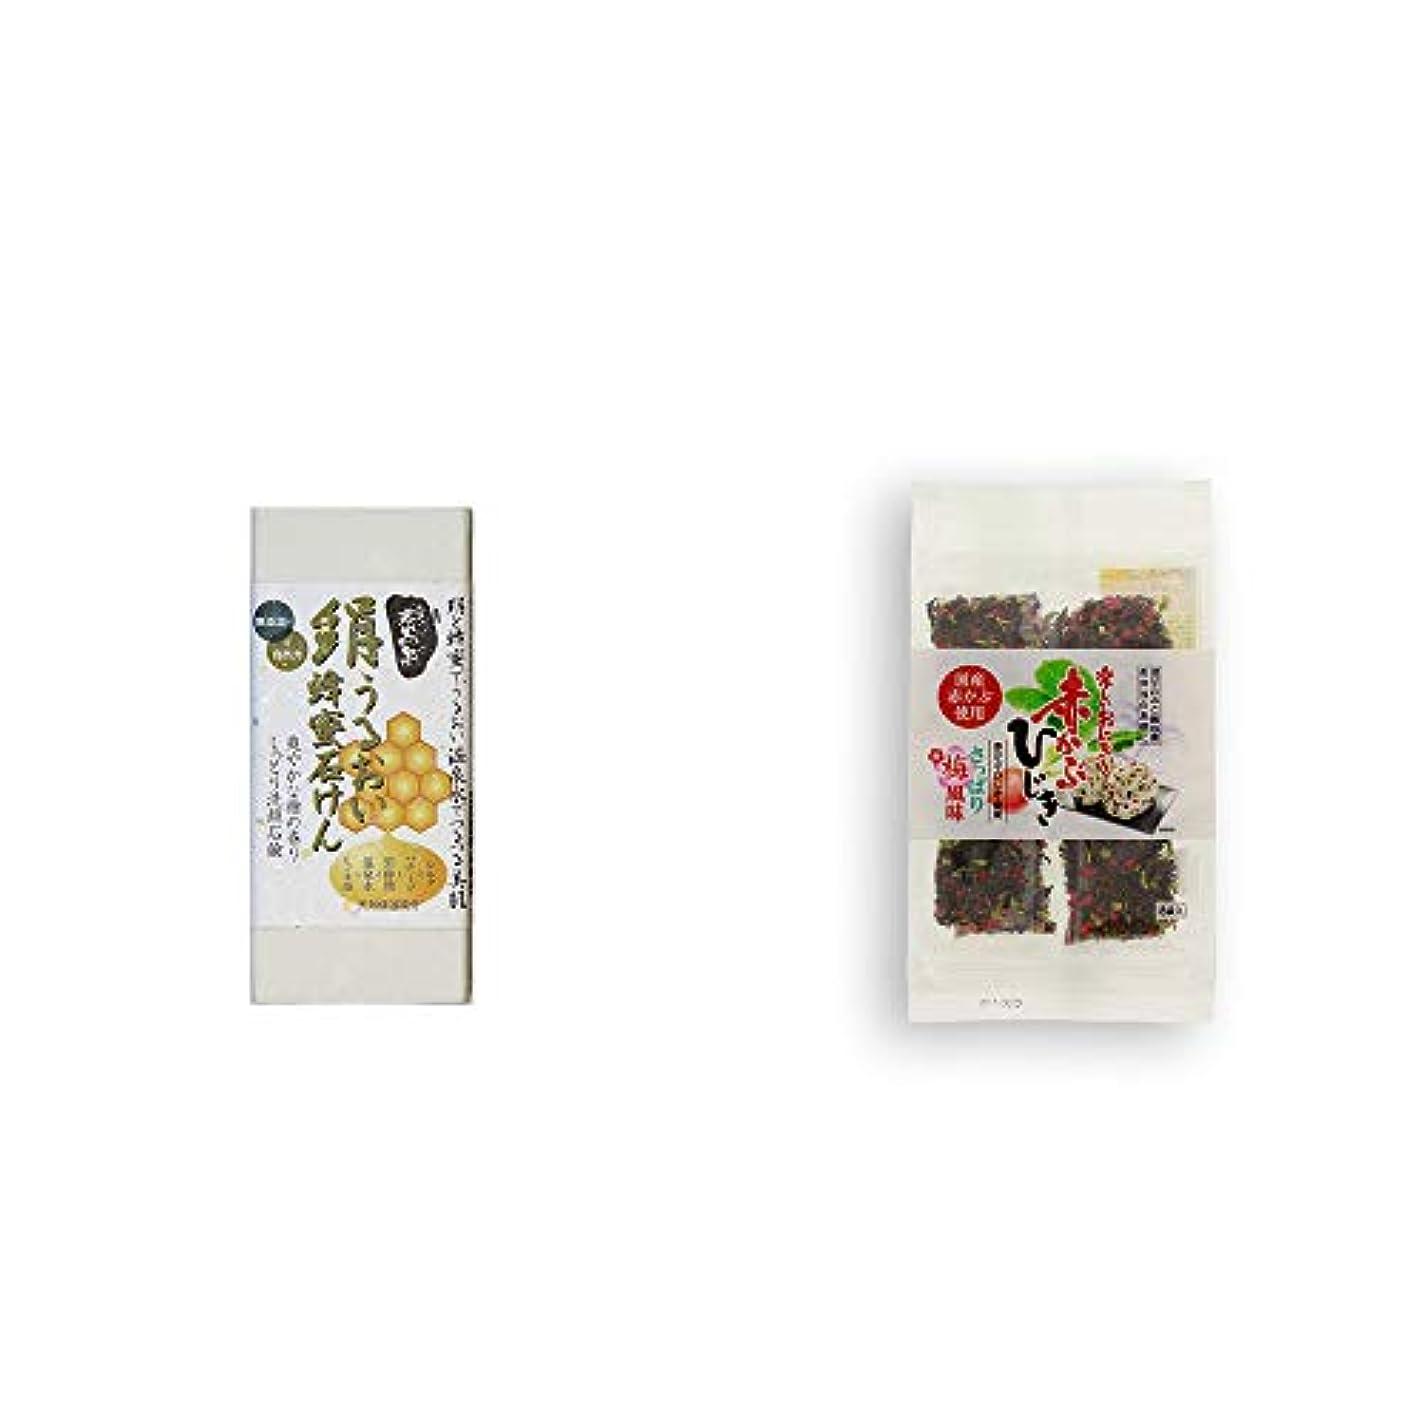 プロポーショナルキリン目立つ[2点セット] ひのき炭黒泉 絹うるおい蜂蜜石けん(75g×2)?楽しいおにぎり 赤かぶひじき(8g×8袋)